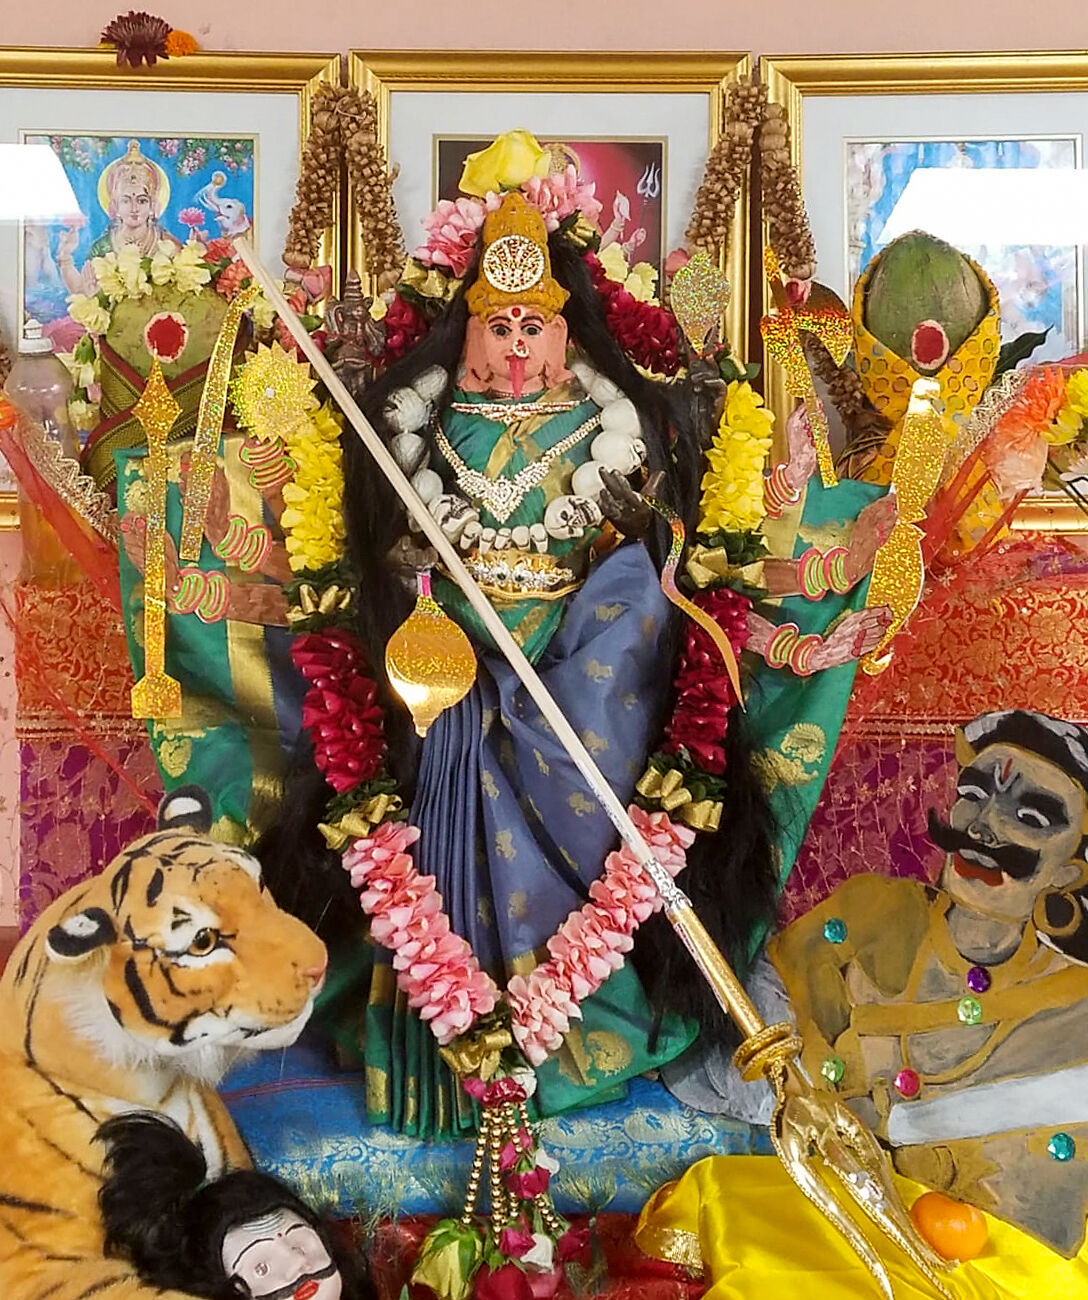 A Durga idol at Columbia's Shanthi Mandir. 2019.